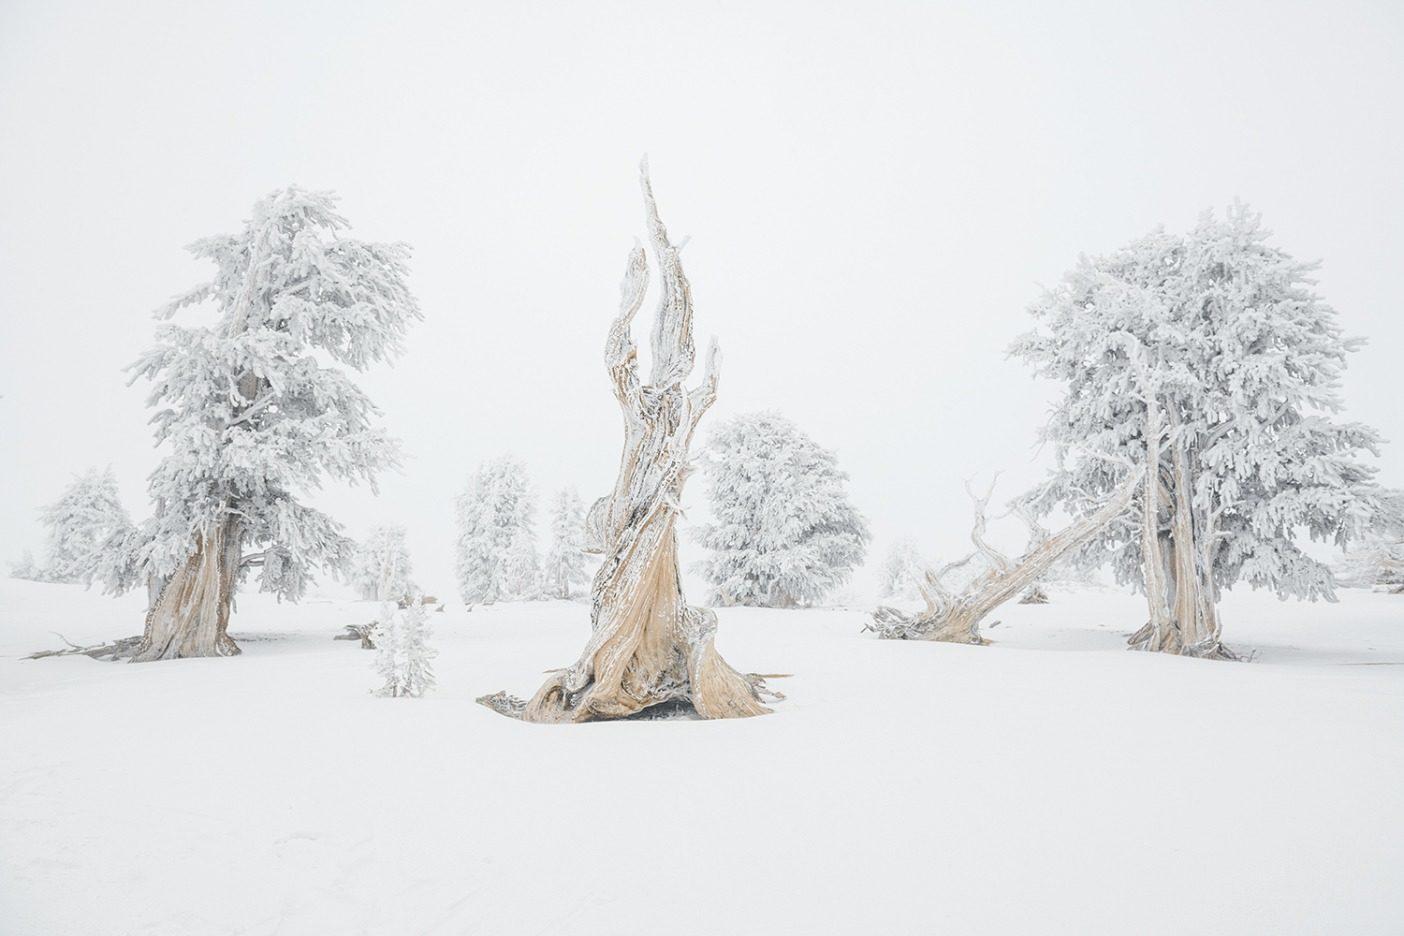 この2日前は完全に茶色だった森の地面に、急速に移動する嵐がもたらした適度な雪により、冬期にはめったに探検されないグレート・ベイスン国立公園へと撮影隊がスキーで潜入することができた。ネバダ州ホワイト・パイン郡 Photo: Photo: Garrett Grove